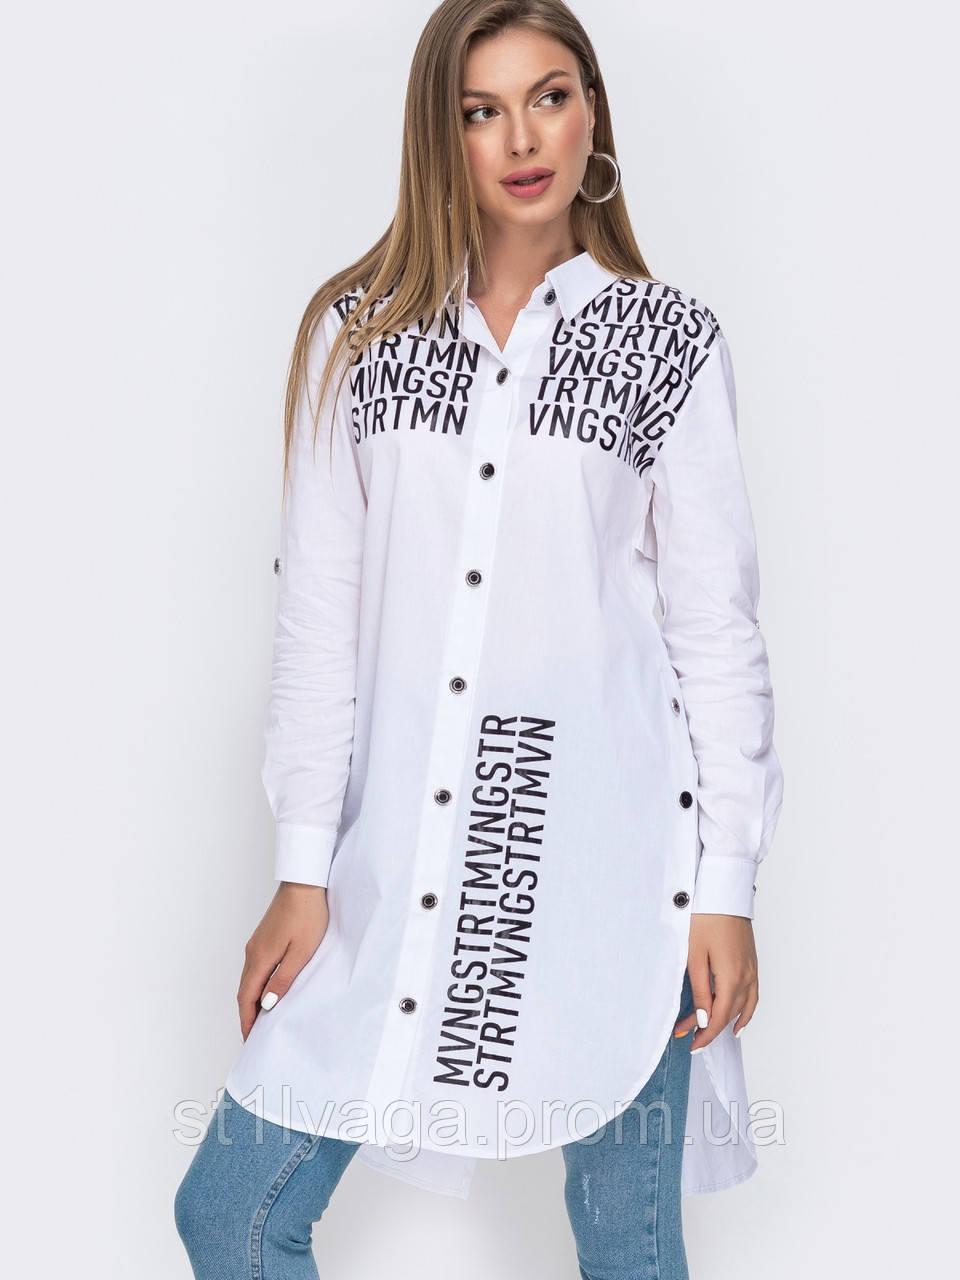 Удлиненная белая рубашка с принтом надписи